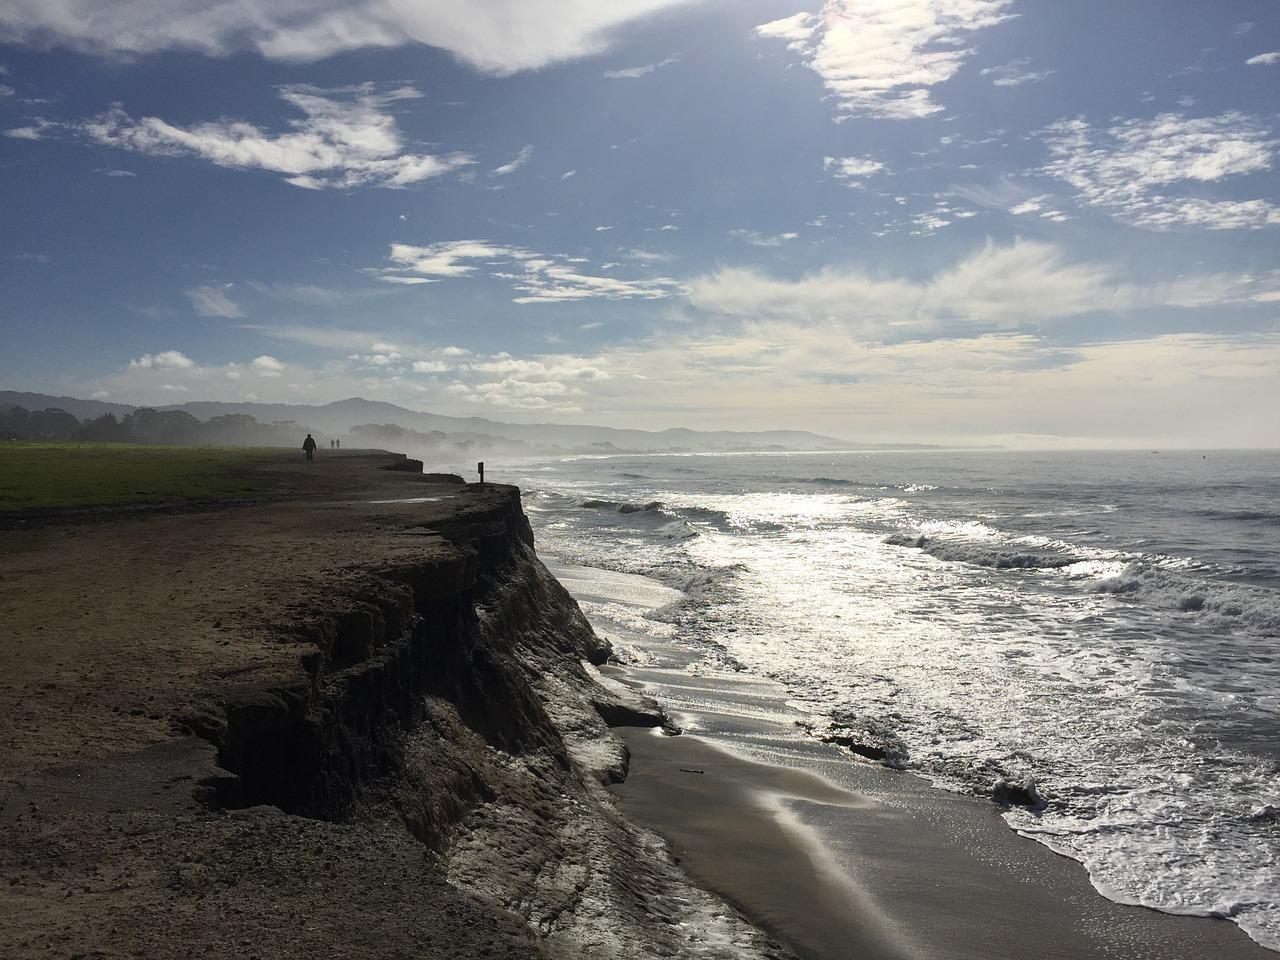 beach-933166_1280-1508968408930-1508968411176.jpg